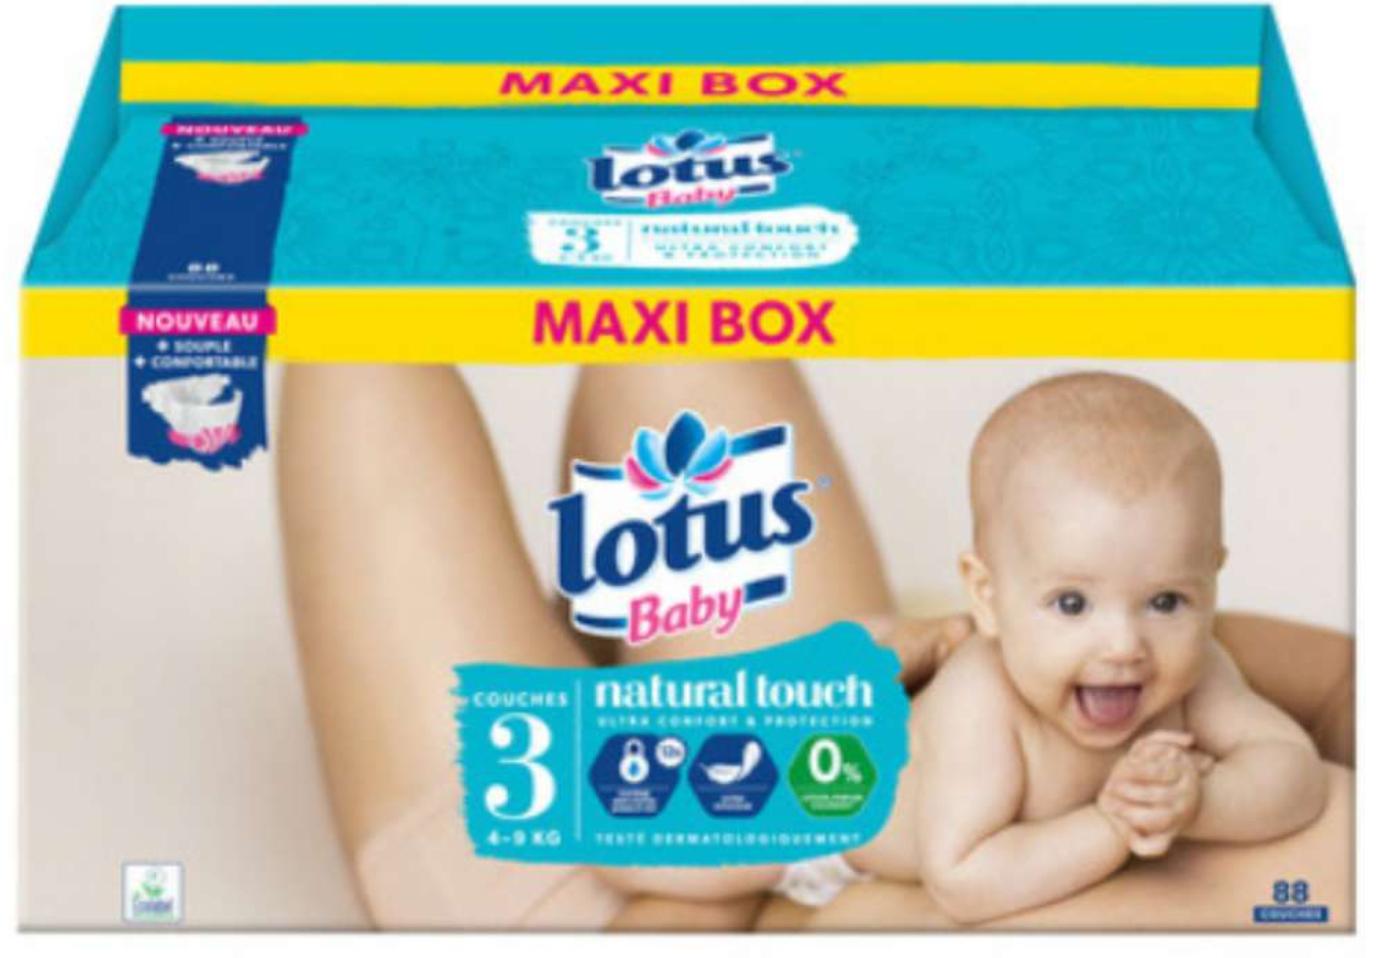 Paquet de couches Lotus Baby Natural Touch Maxi Box - différentes quantités et tailles (via 16.79€ sur la carte de fidélité)